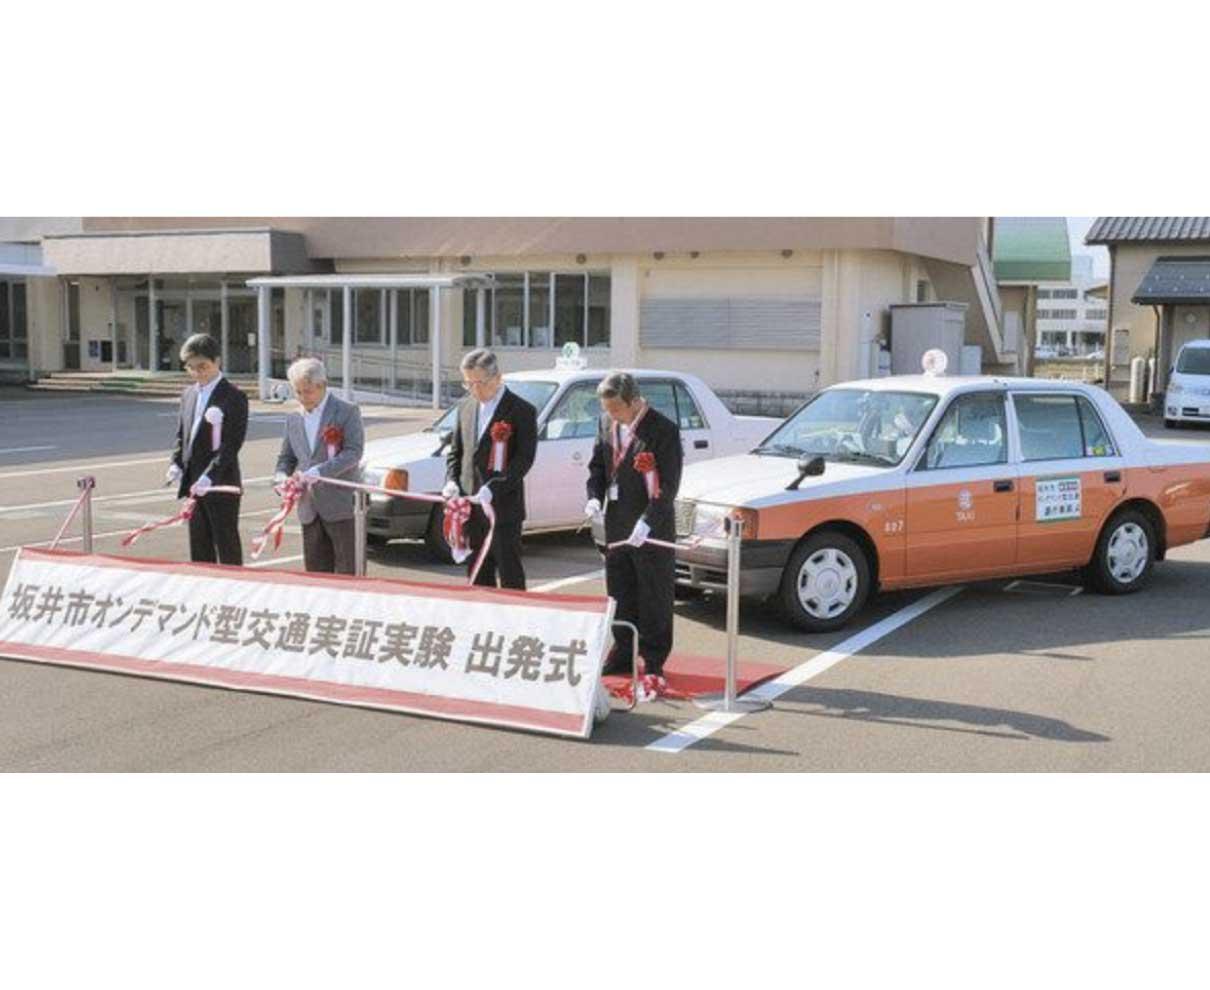 坂井市のオンデマンド型交通 体験市民「買い物に便利」